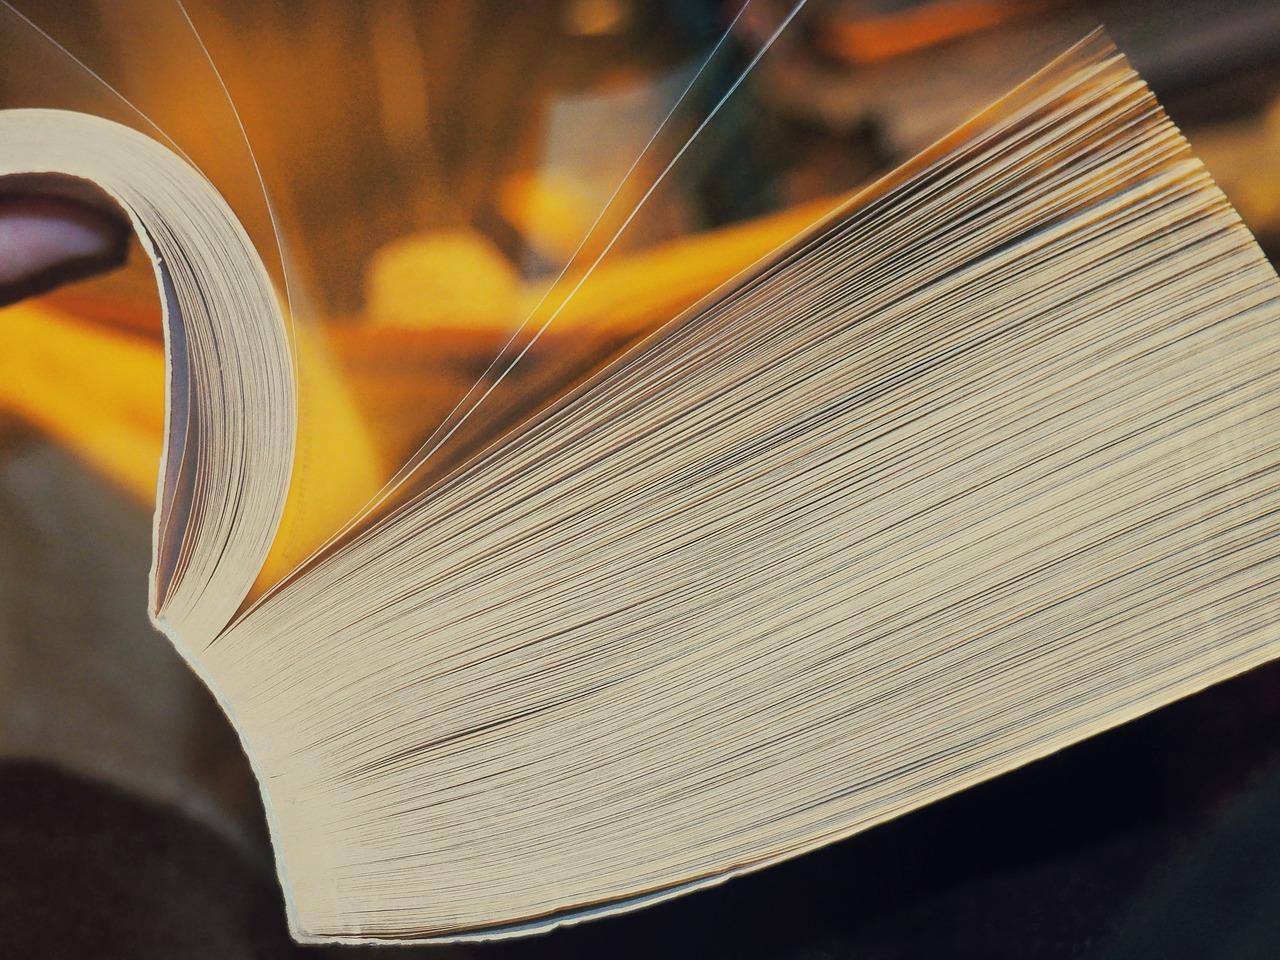 book-1840072_1280